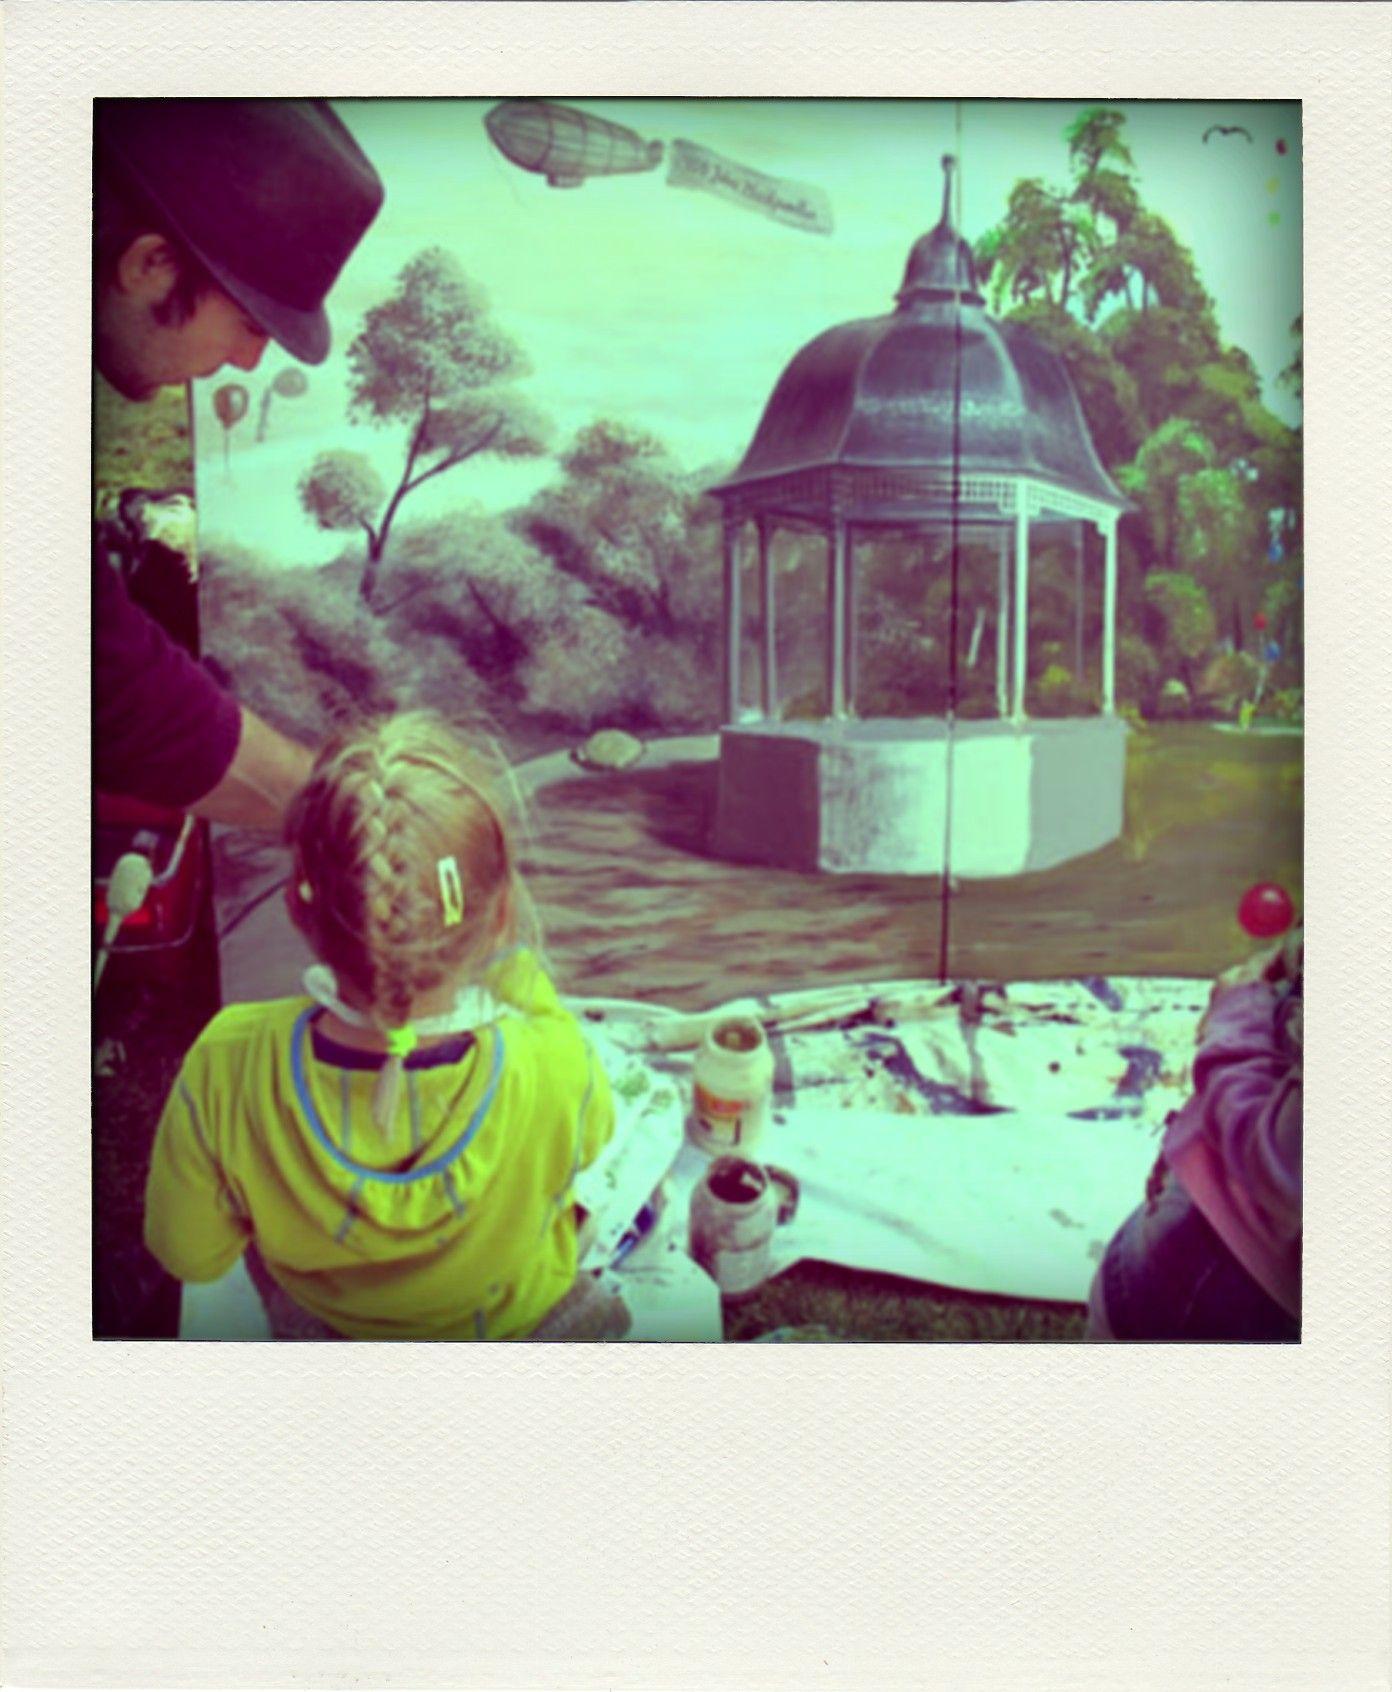 Musikpavillon in Leipzig, Kinder malen mit Künstler ein Kunstwerk im ...